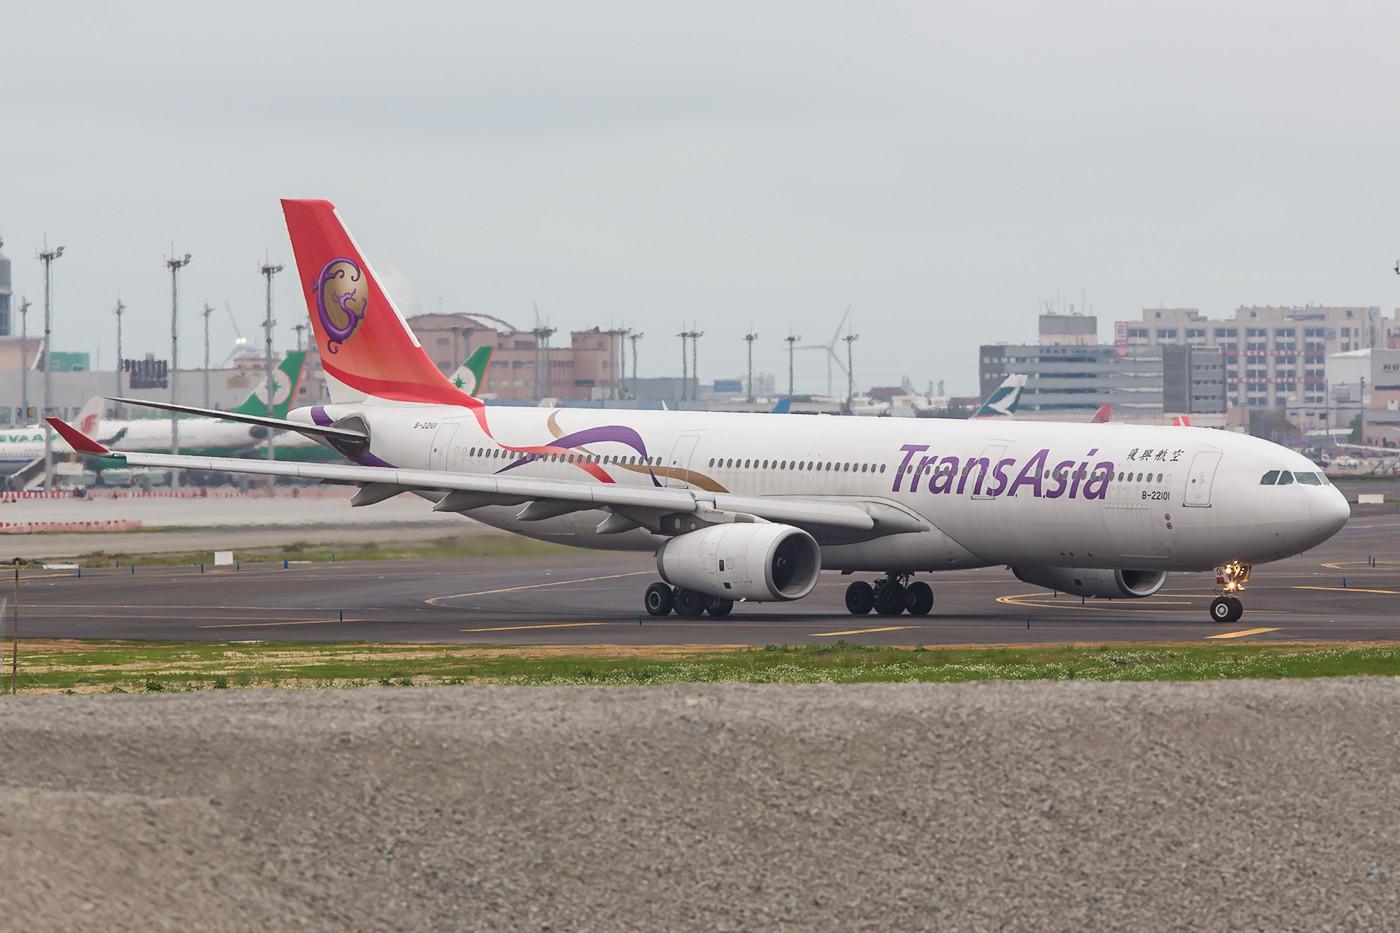 Der letzte Flieger aus Taoyuan soll dieser A 330 der Transasia sein.